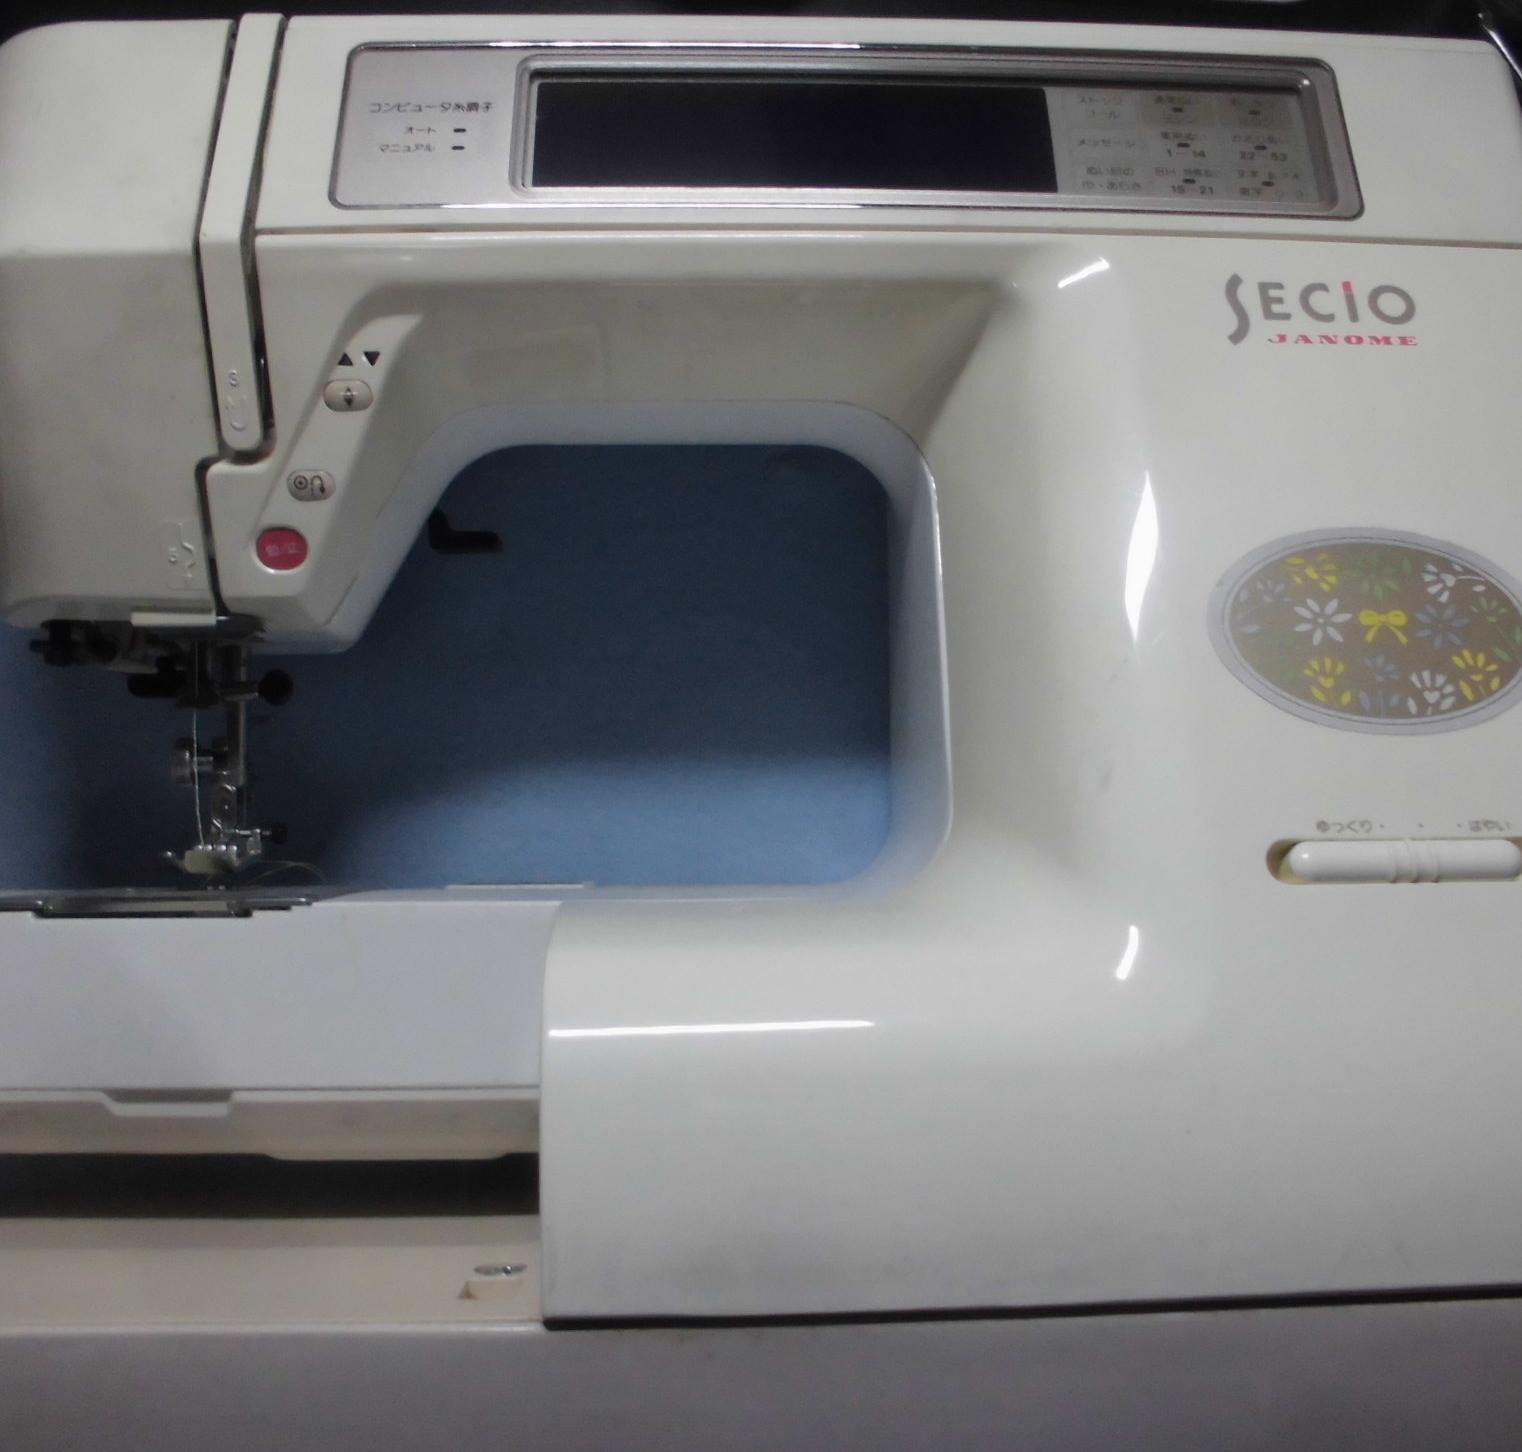 ジャノメミシン修理|セシオ8200|液晶が暗い(バックライト不良)、異音、エラー